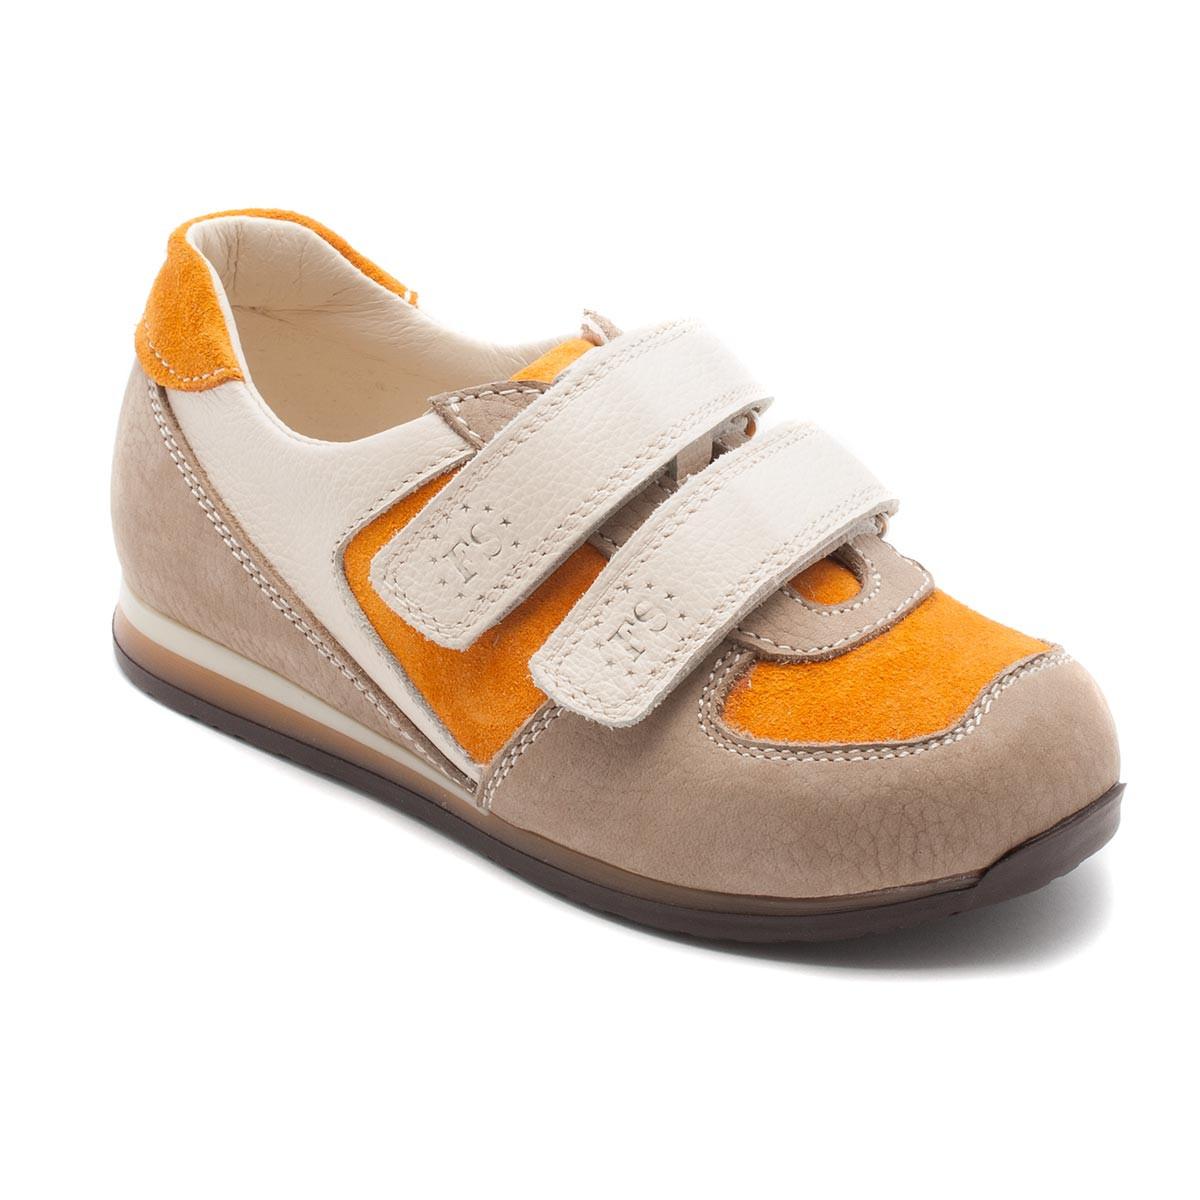 Кроссовки FS Сollection детские, замшевые, на липучках, размер 20-30